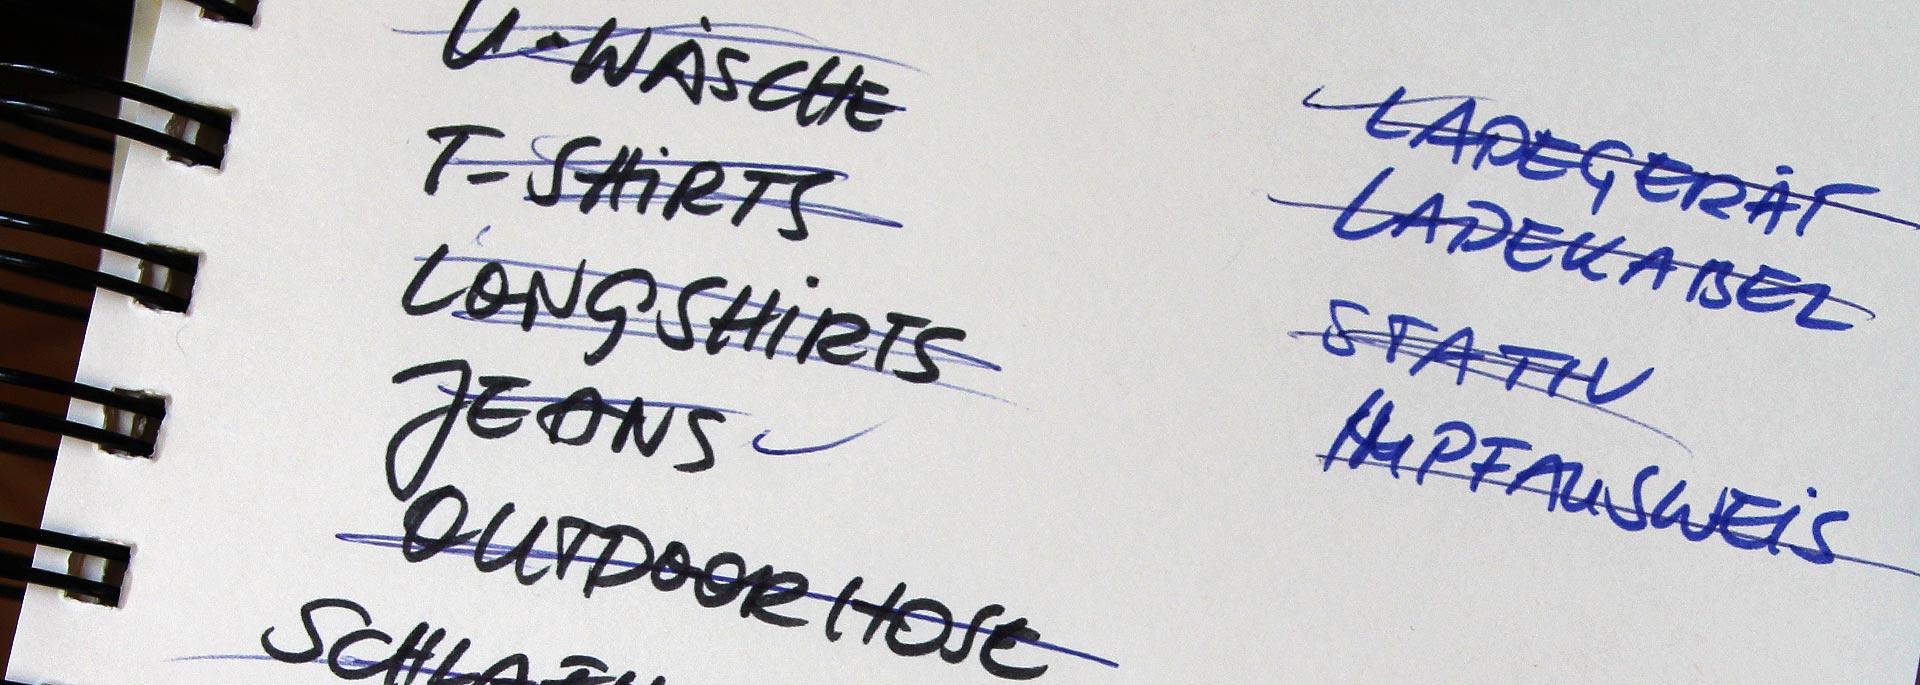 Packliste schreiben: Eine Anleitung für stolze Selbermacher